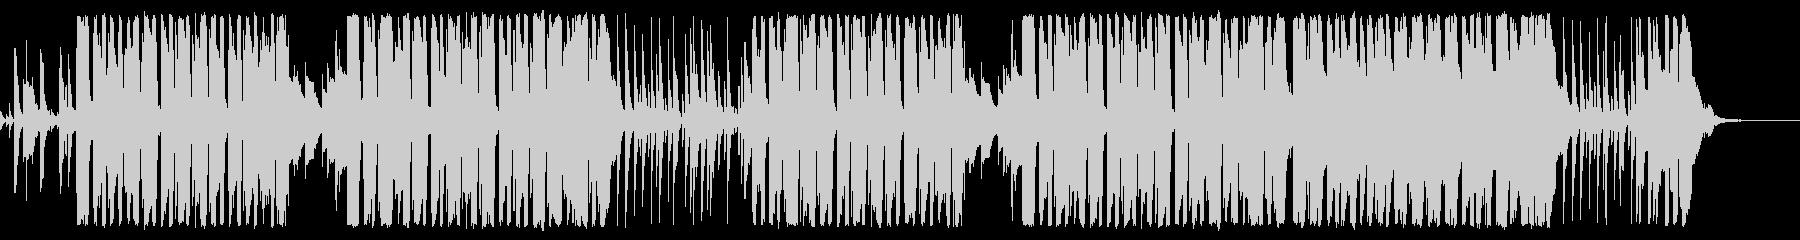 ピエロのパントマイム コミカルポップの未再生の波形